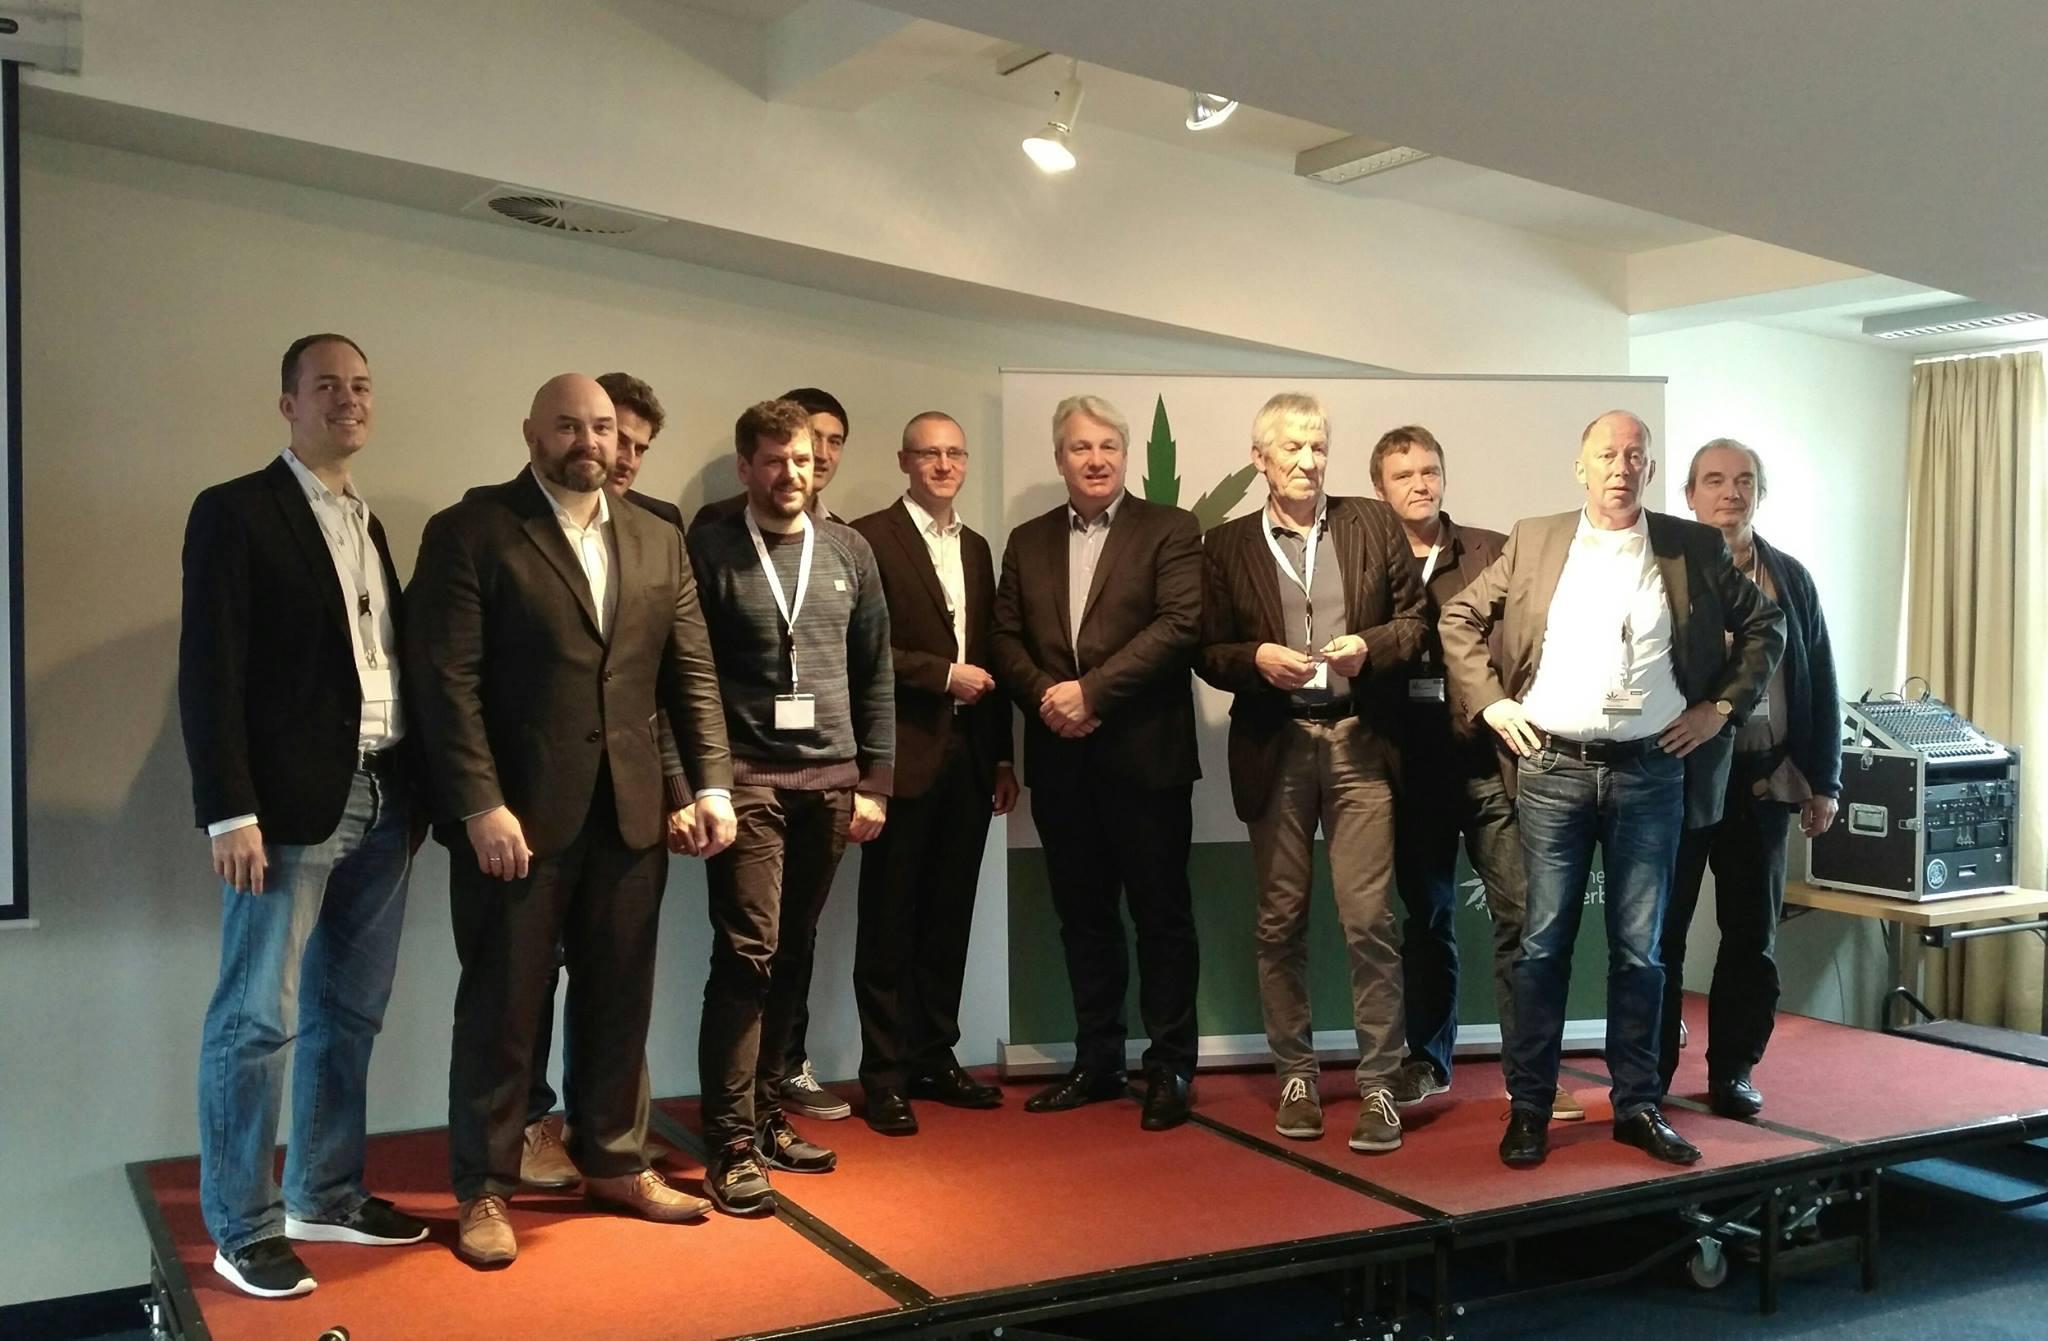 DHV-Konferenz 2017 Eröffnungspodium. Bild: Deutscher Hanfverband.